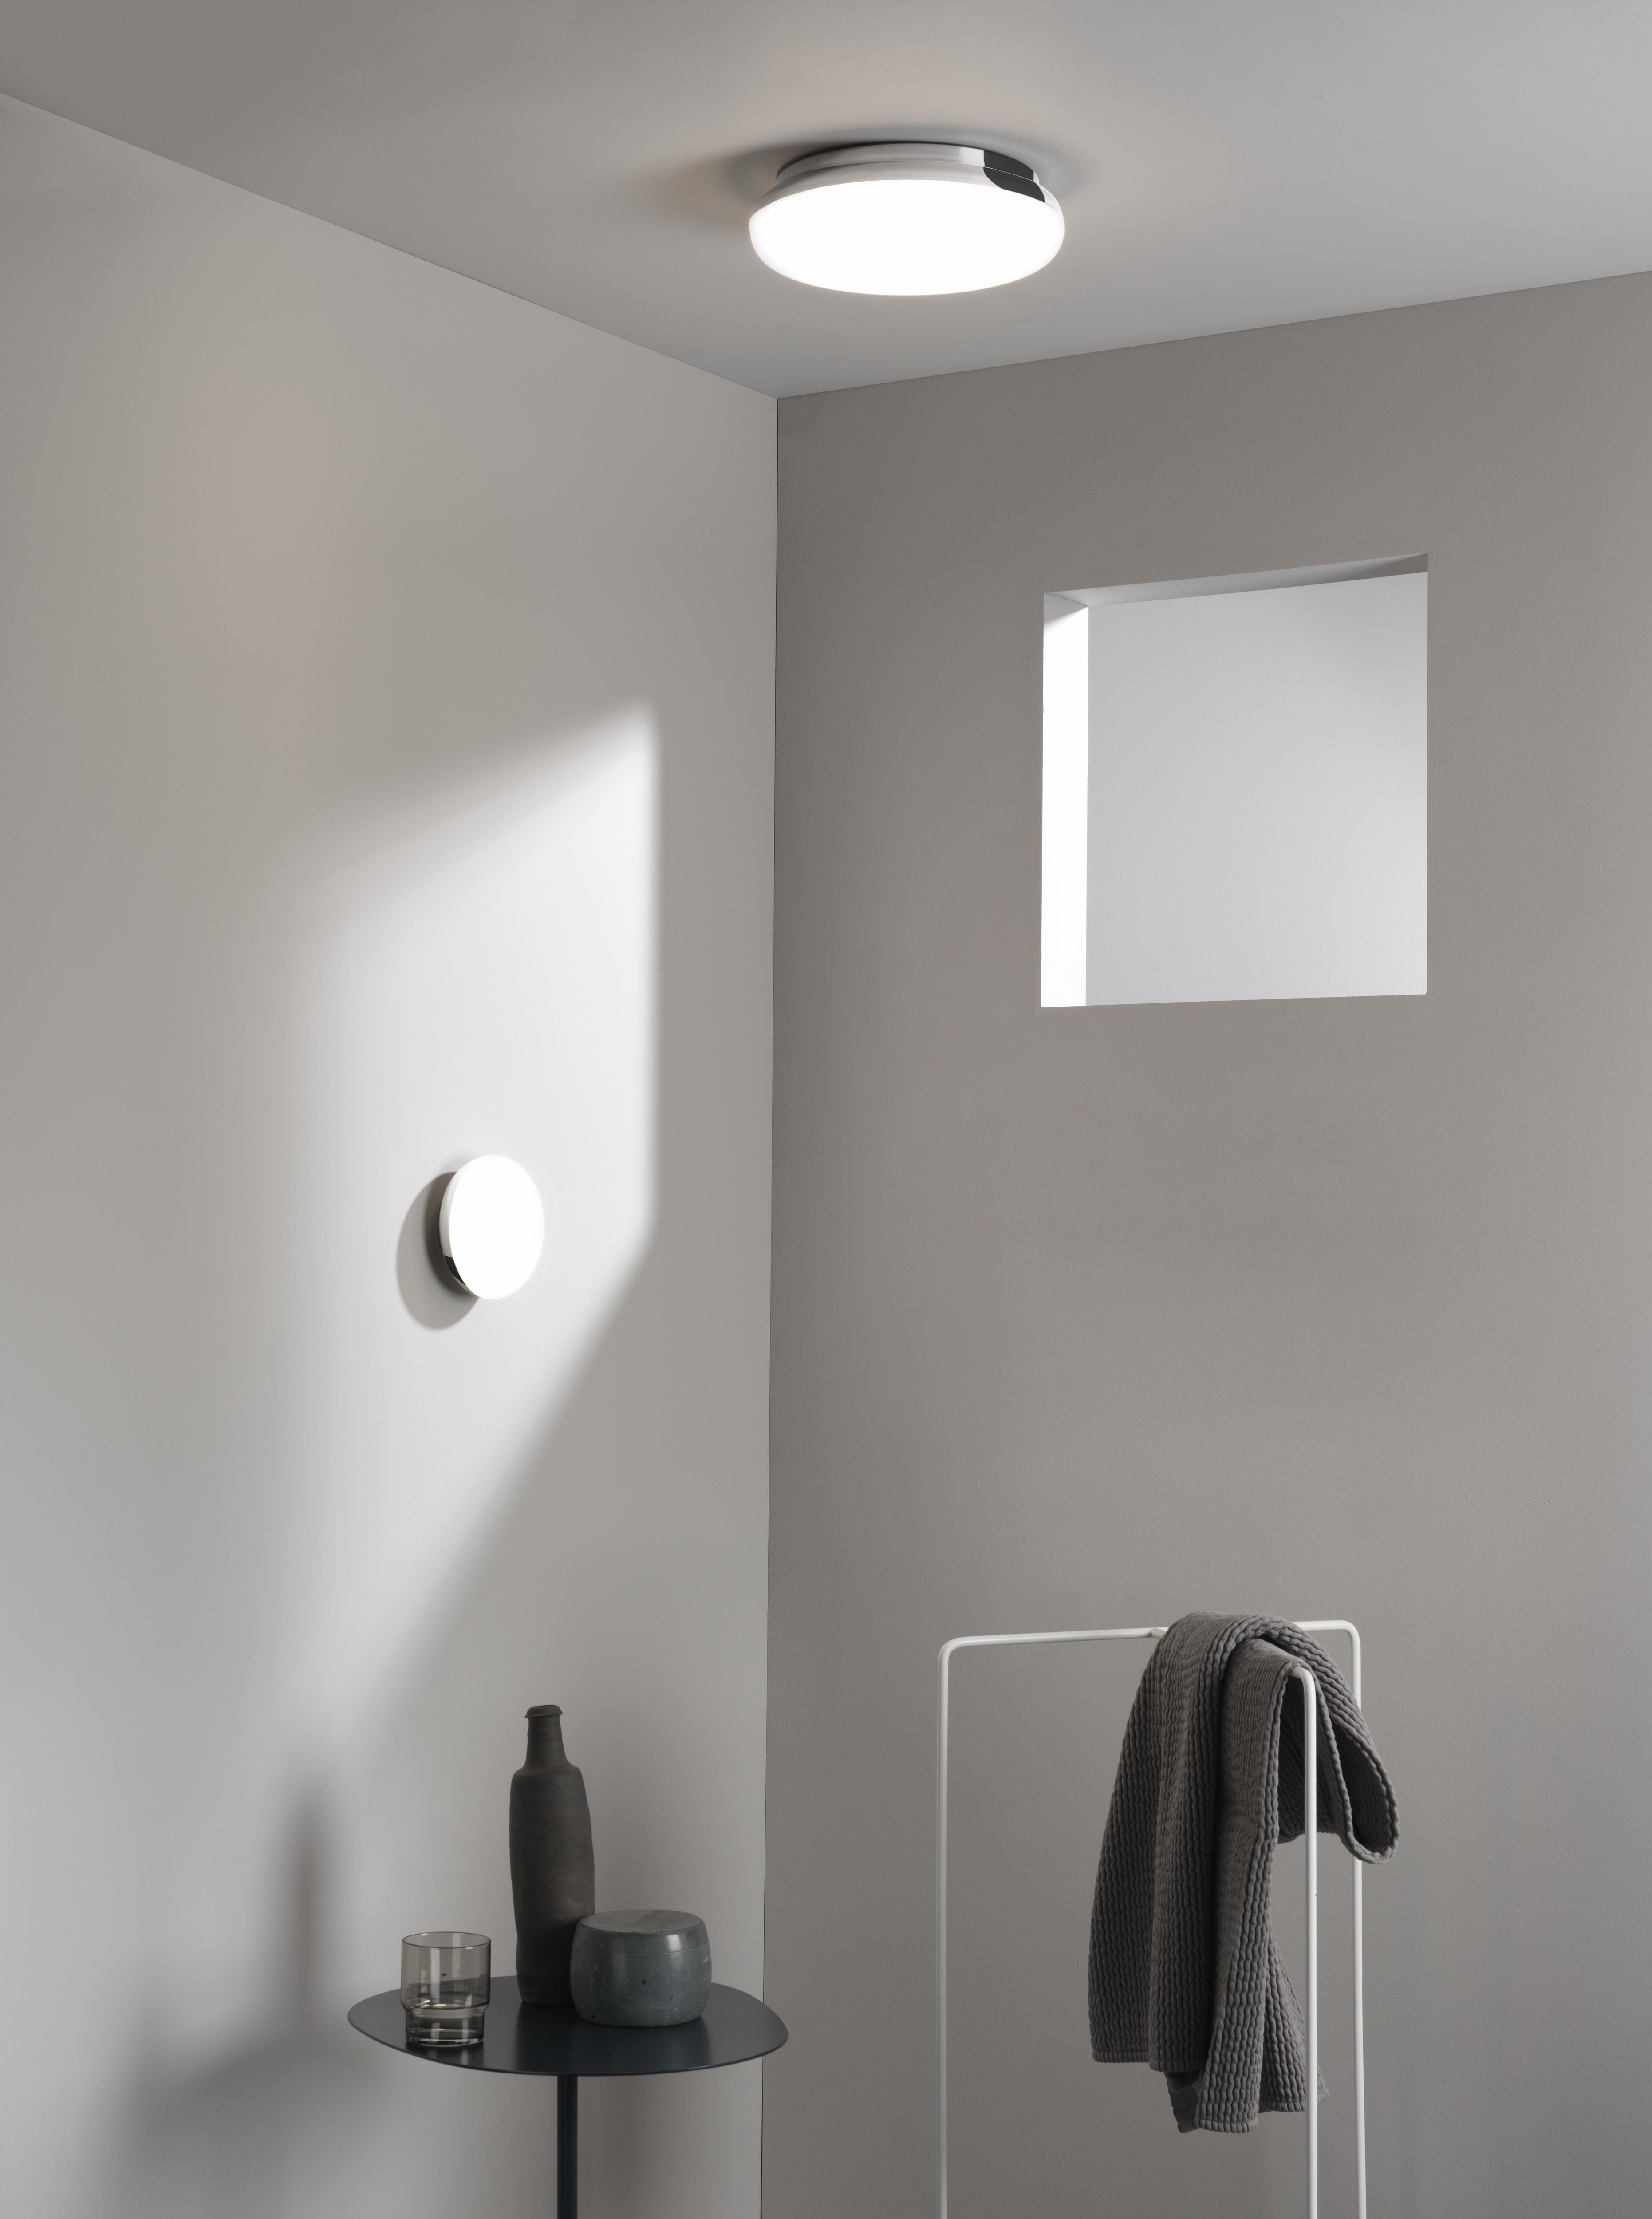 Потолочный светодиодный светильник Astro Altea 1133007 (8047), IP44, LED 15,6W 2700K 673lm CRI>80, хром, белый, металл, стекло - фото 4